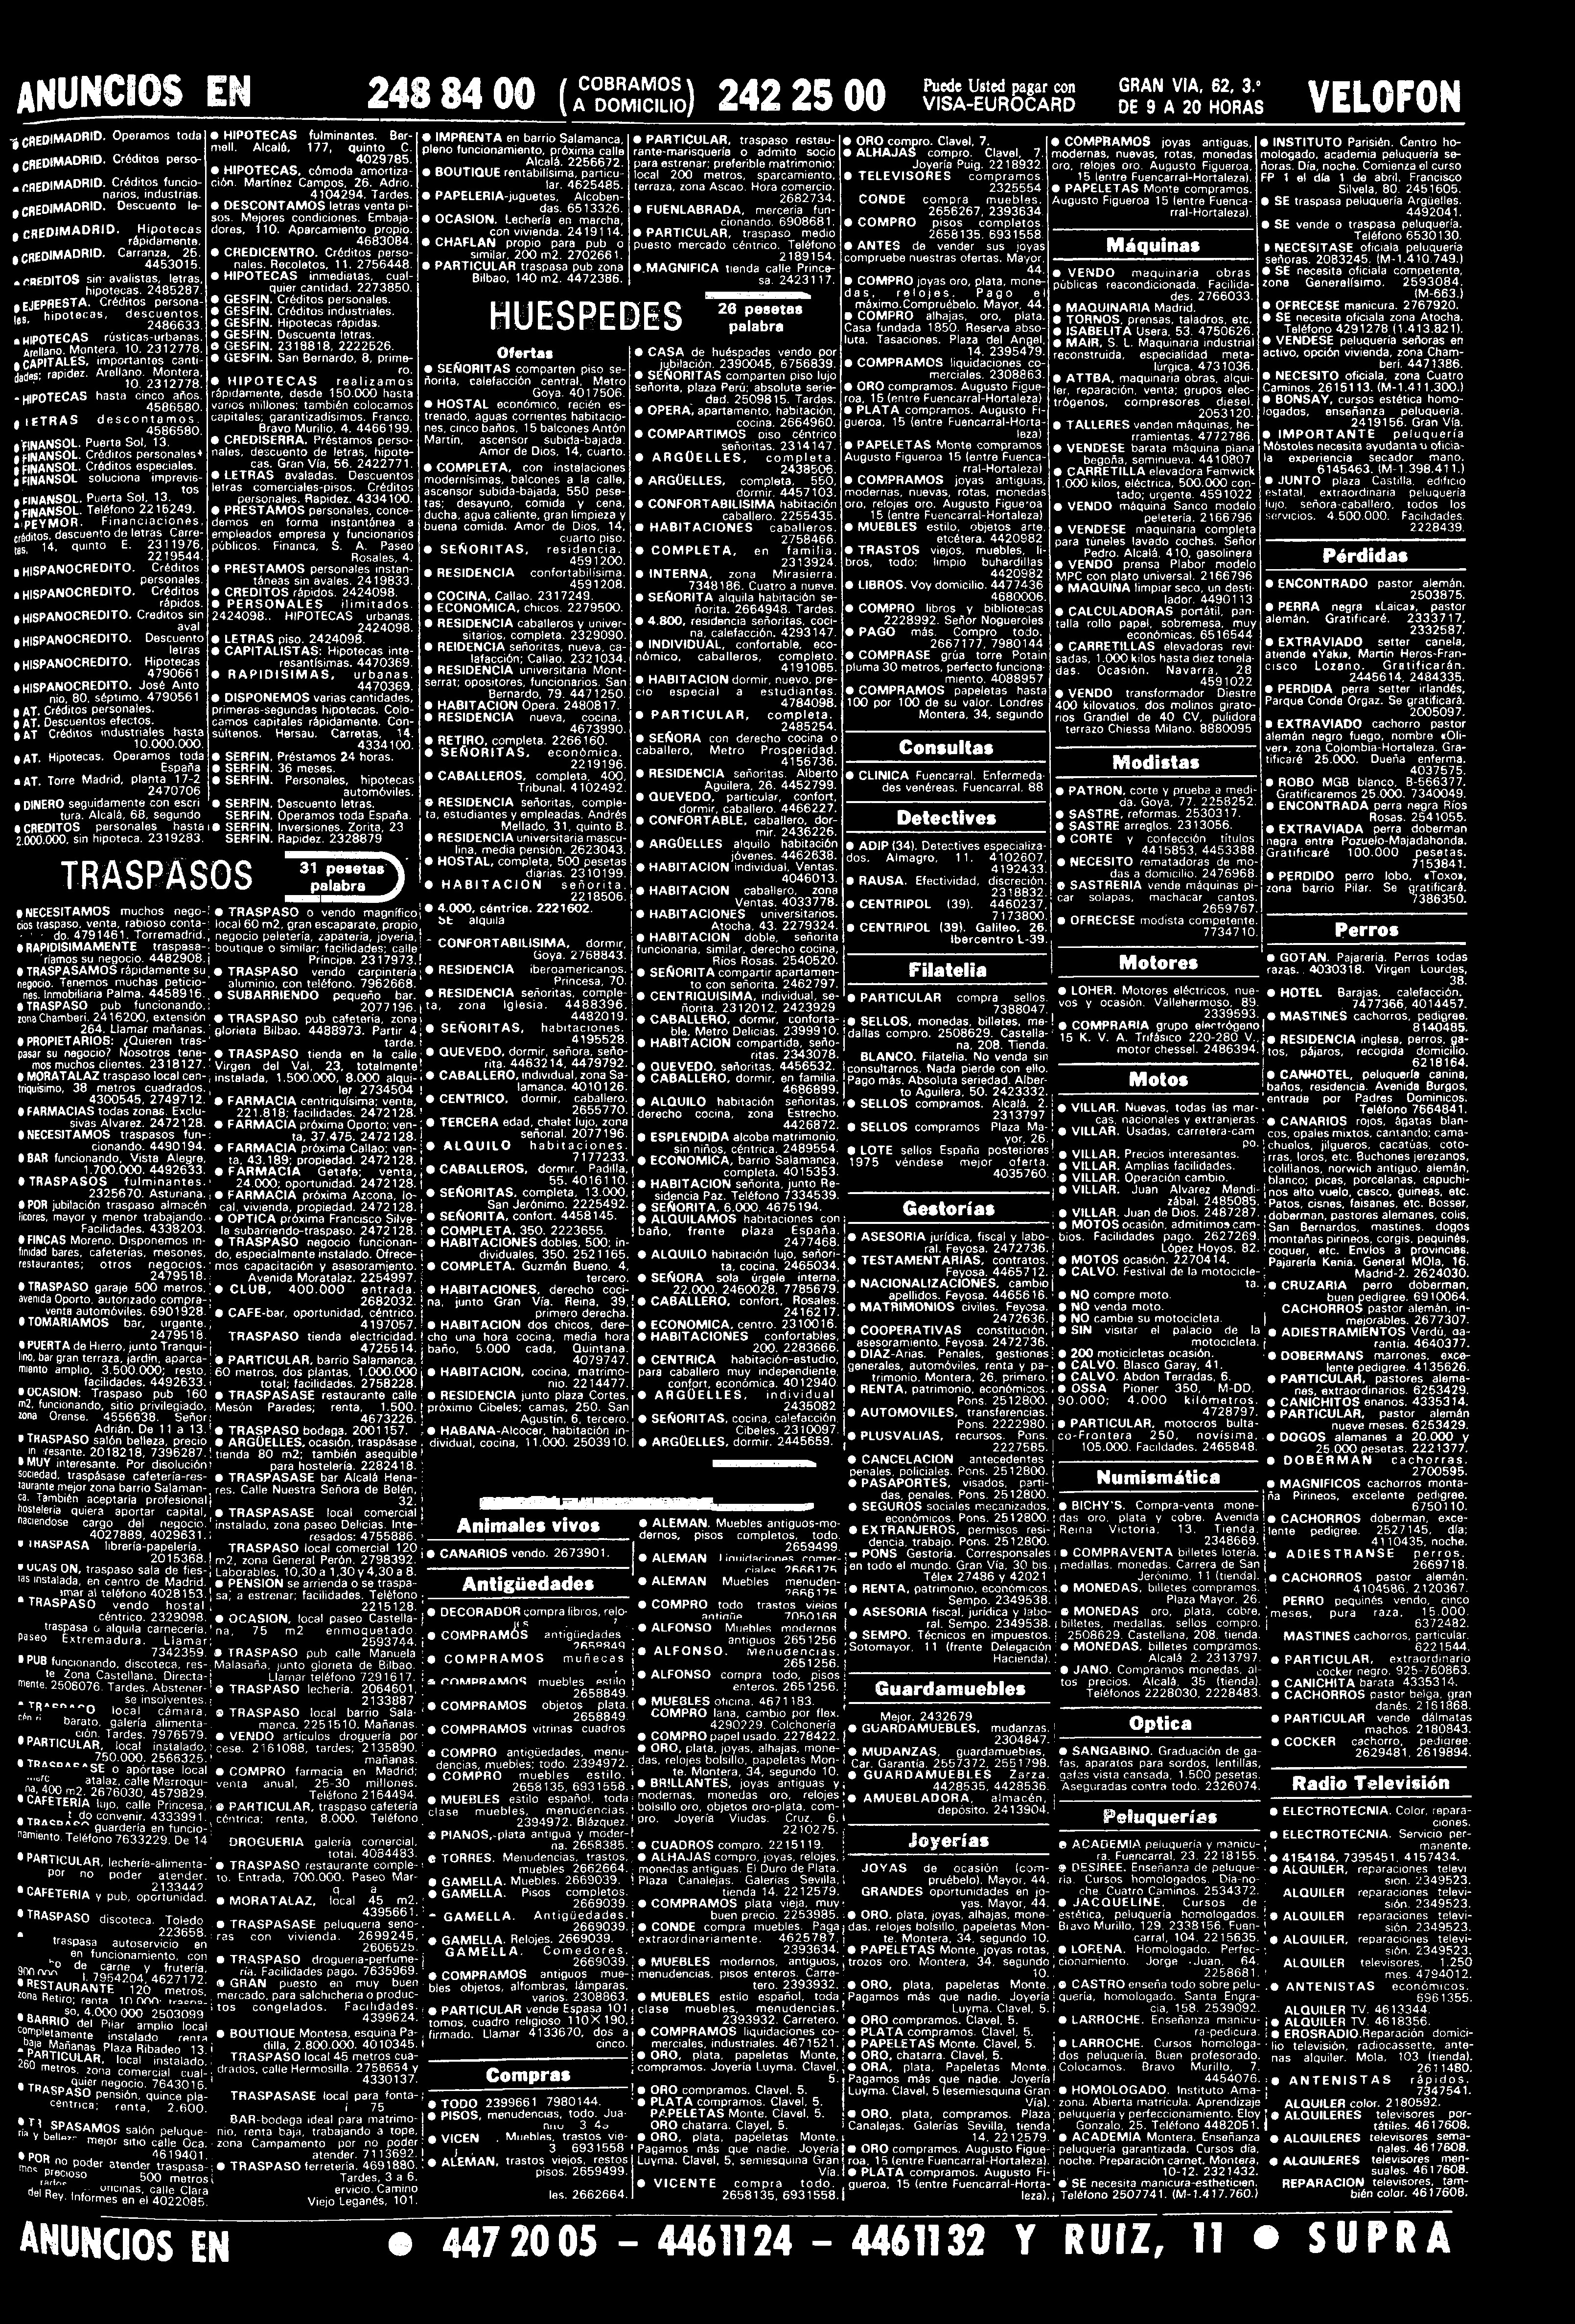 Calendario 2019 Usa Catolico soy Radio Mejores Y Más Novedosos Cerr³ El Metro Caos Circulatorio El Carrascal Junto A Zarzaquemada Of Calendario 2019 Usa Catolico soy Radio Recientes Taranto Guacci All attacco Di Prete Sul Molo Polisettoriale